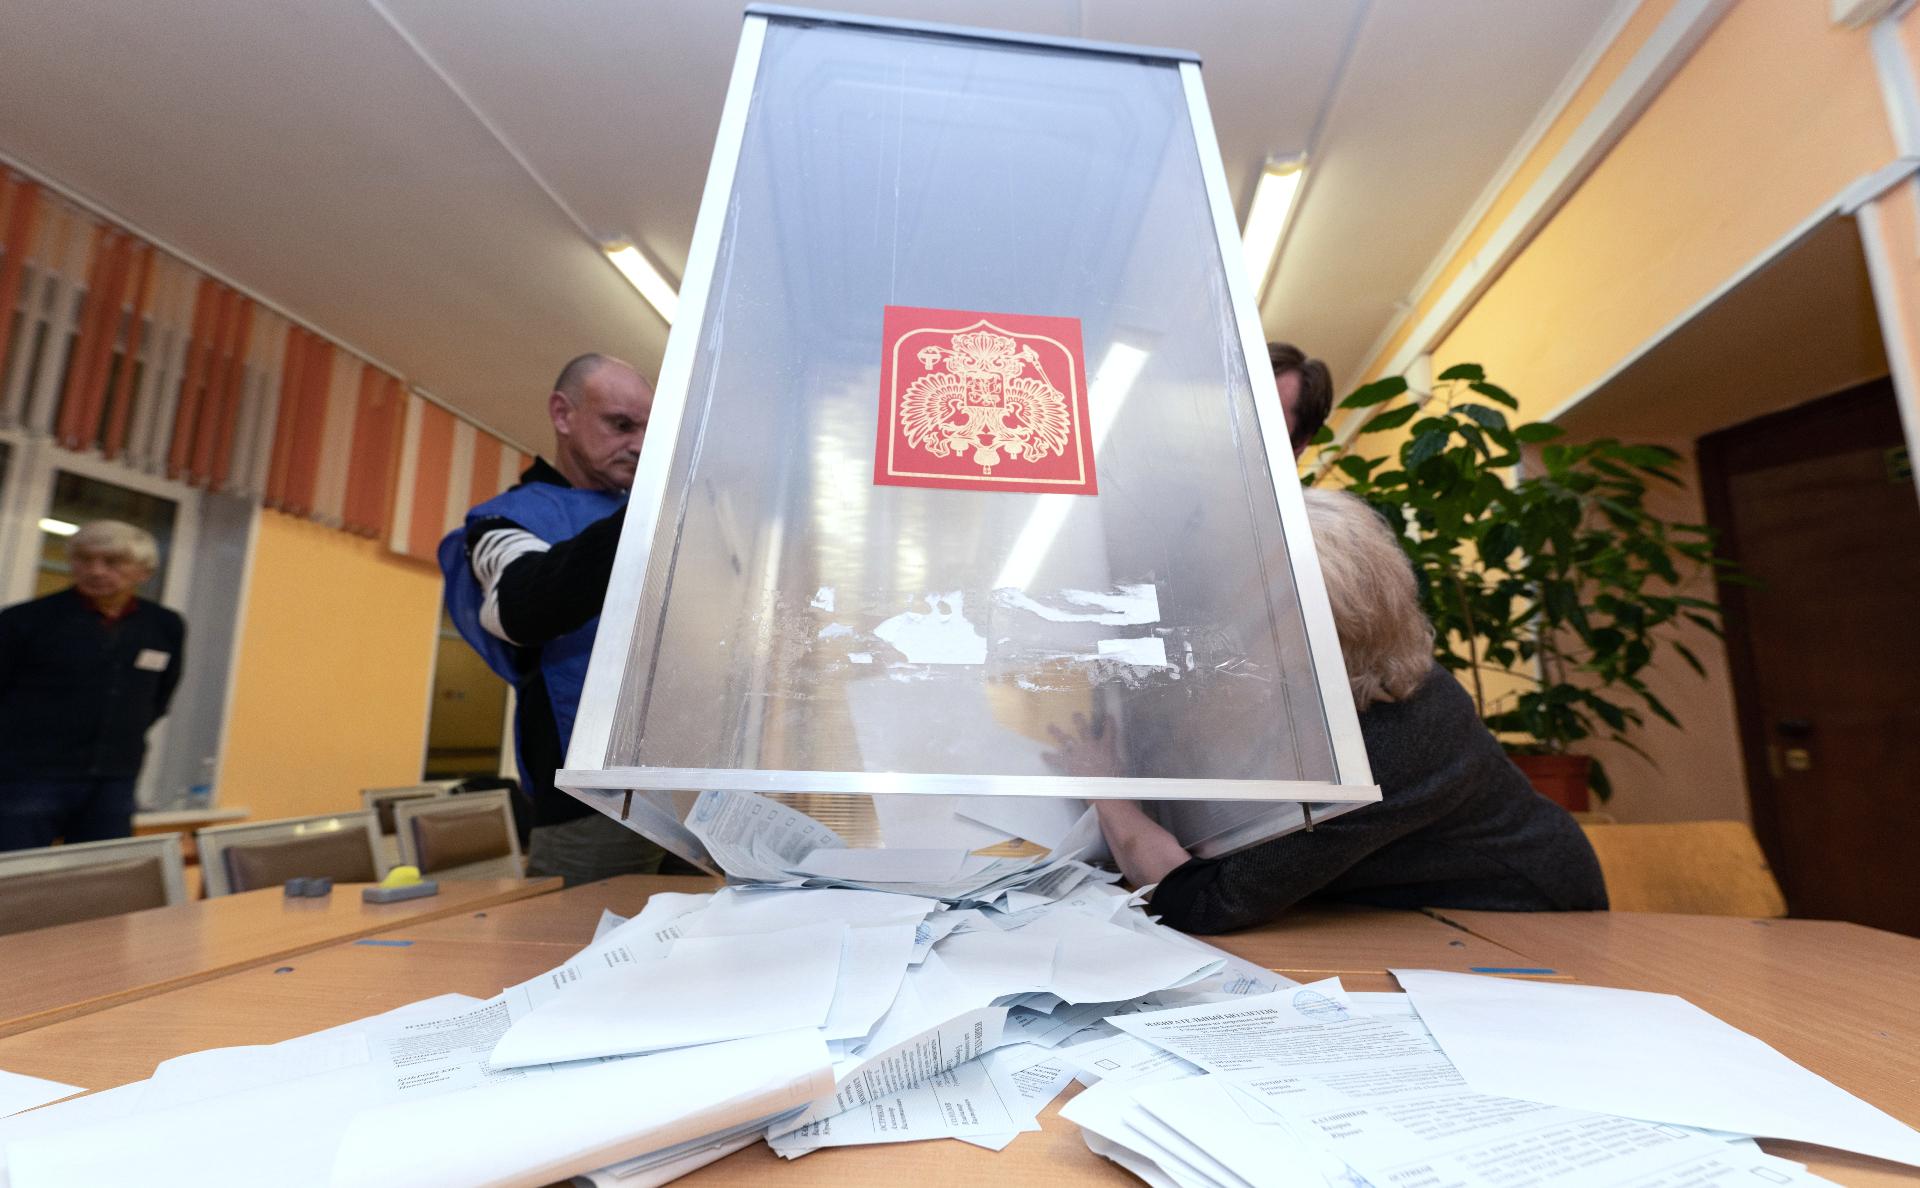 Фото: Александр Пирагис / РИА Новости